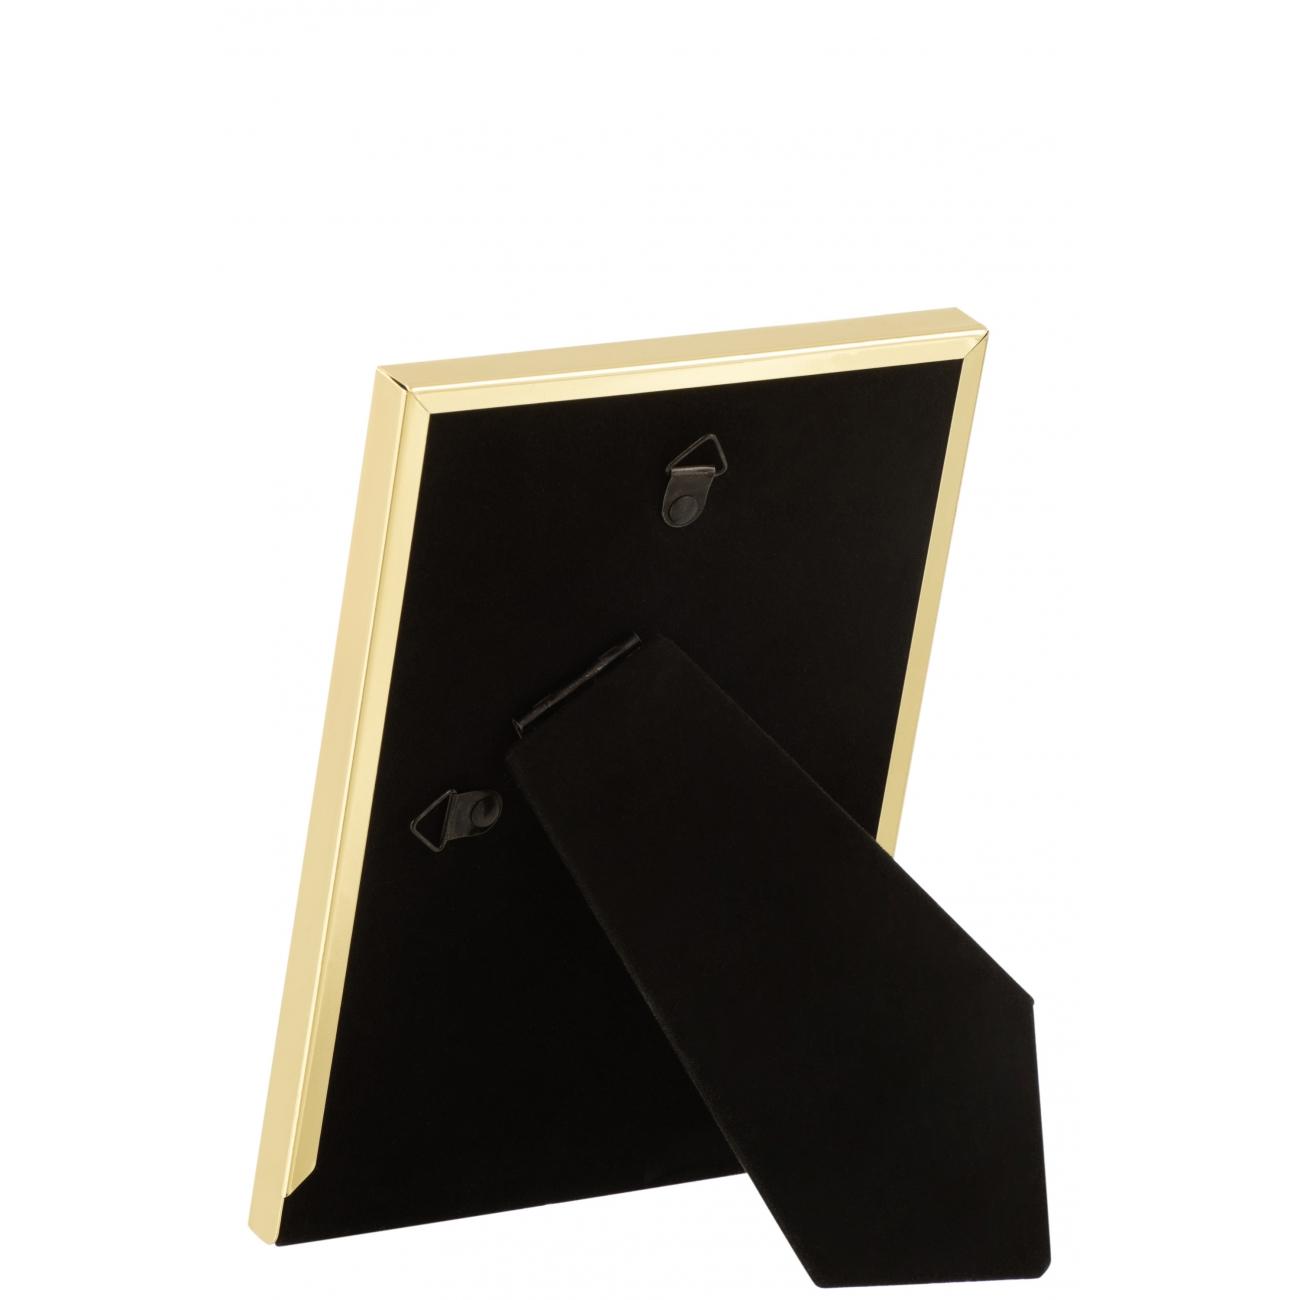 Фоторамка J-LINE металлическая классическая золотистая 10x15 см Бельгия